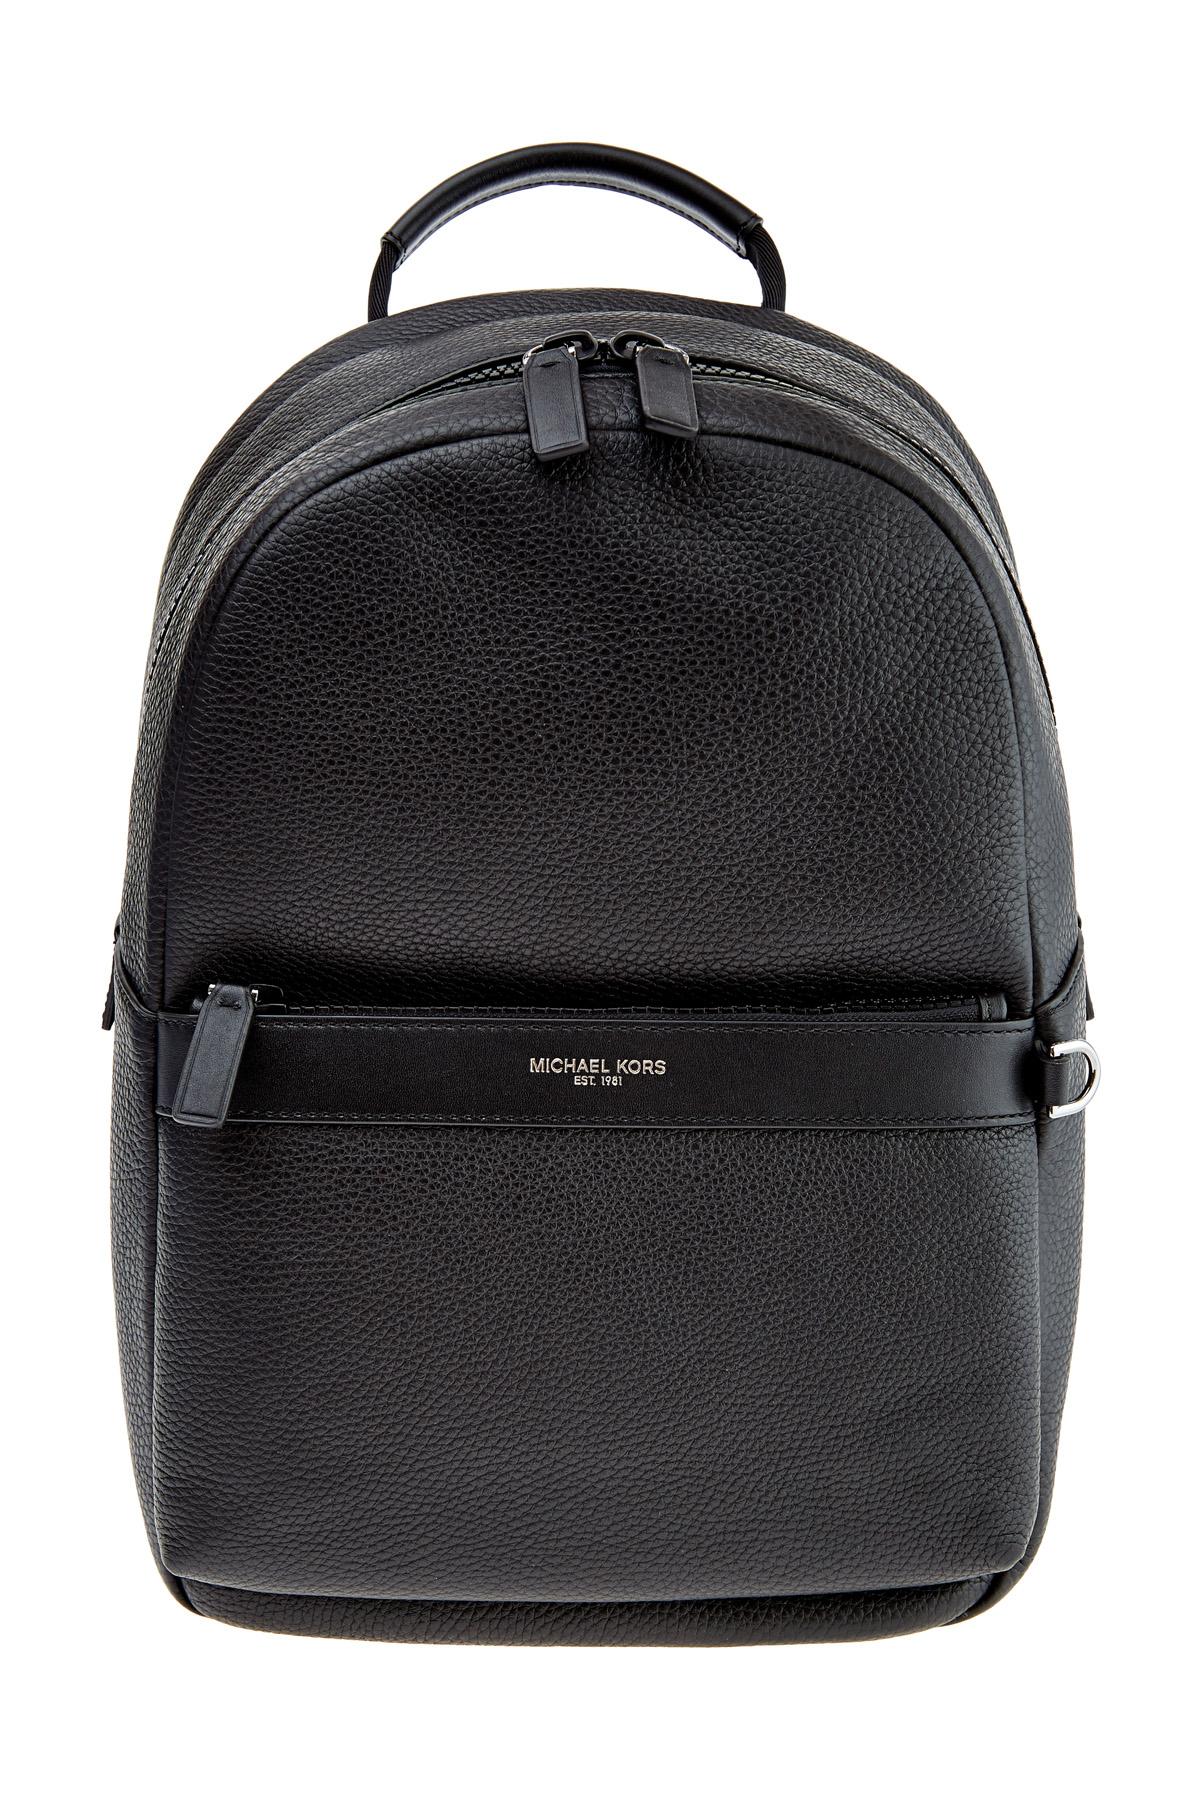 Рюкзак из крупнозернистой кожи с потайным карманом на спинке